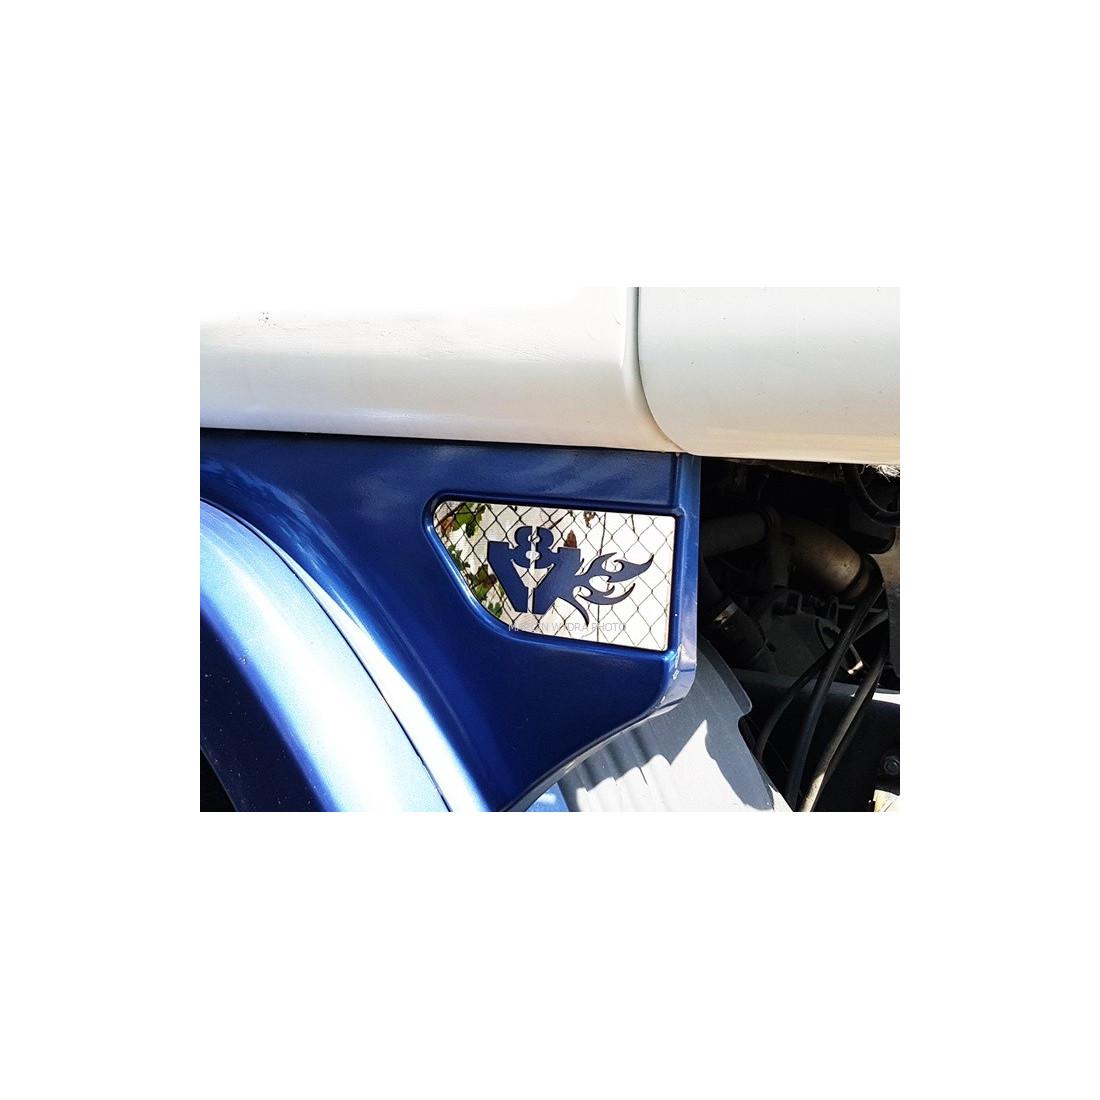 Scania V8 Edelstahl Dekor Flügel Chrome